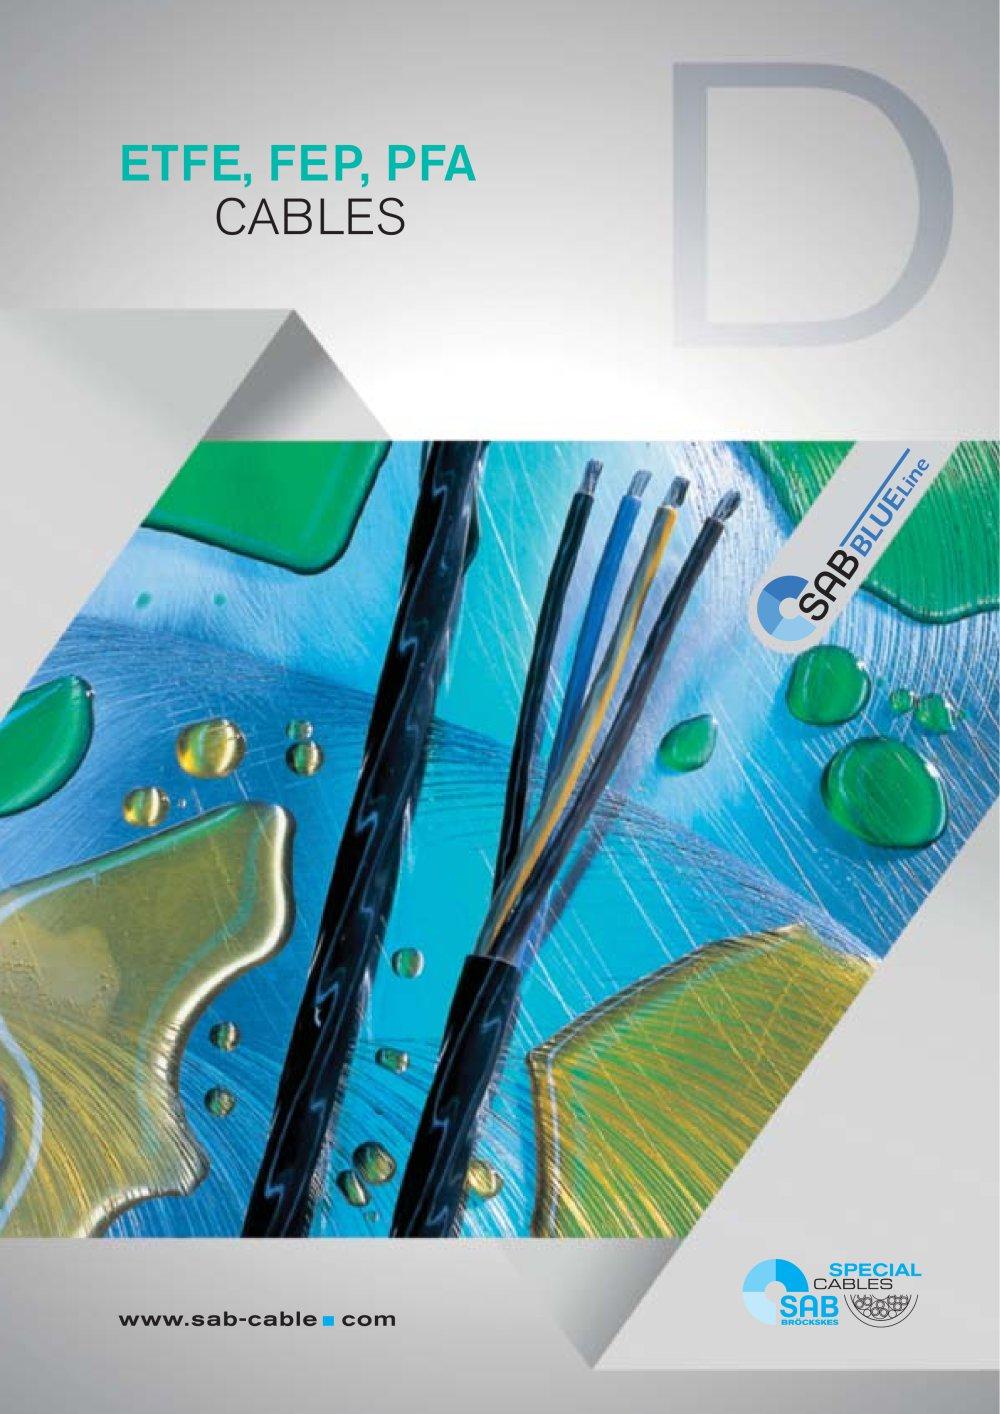 ETFE-, FEP-, PFA Cables - SAB BROECKSKES GMBH & Co. KG - PDF ...